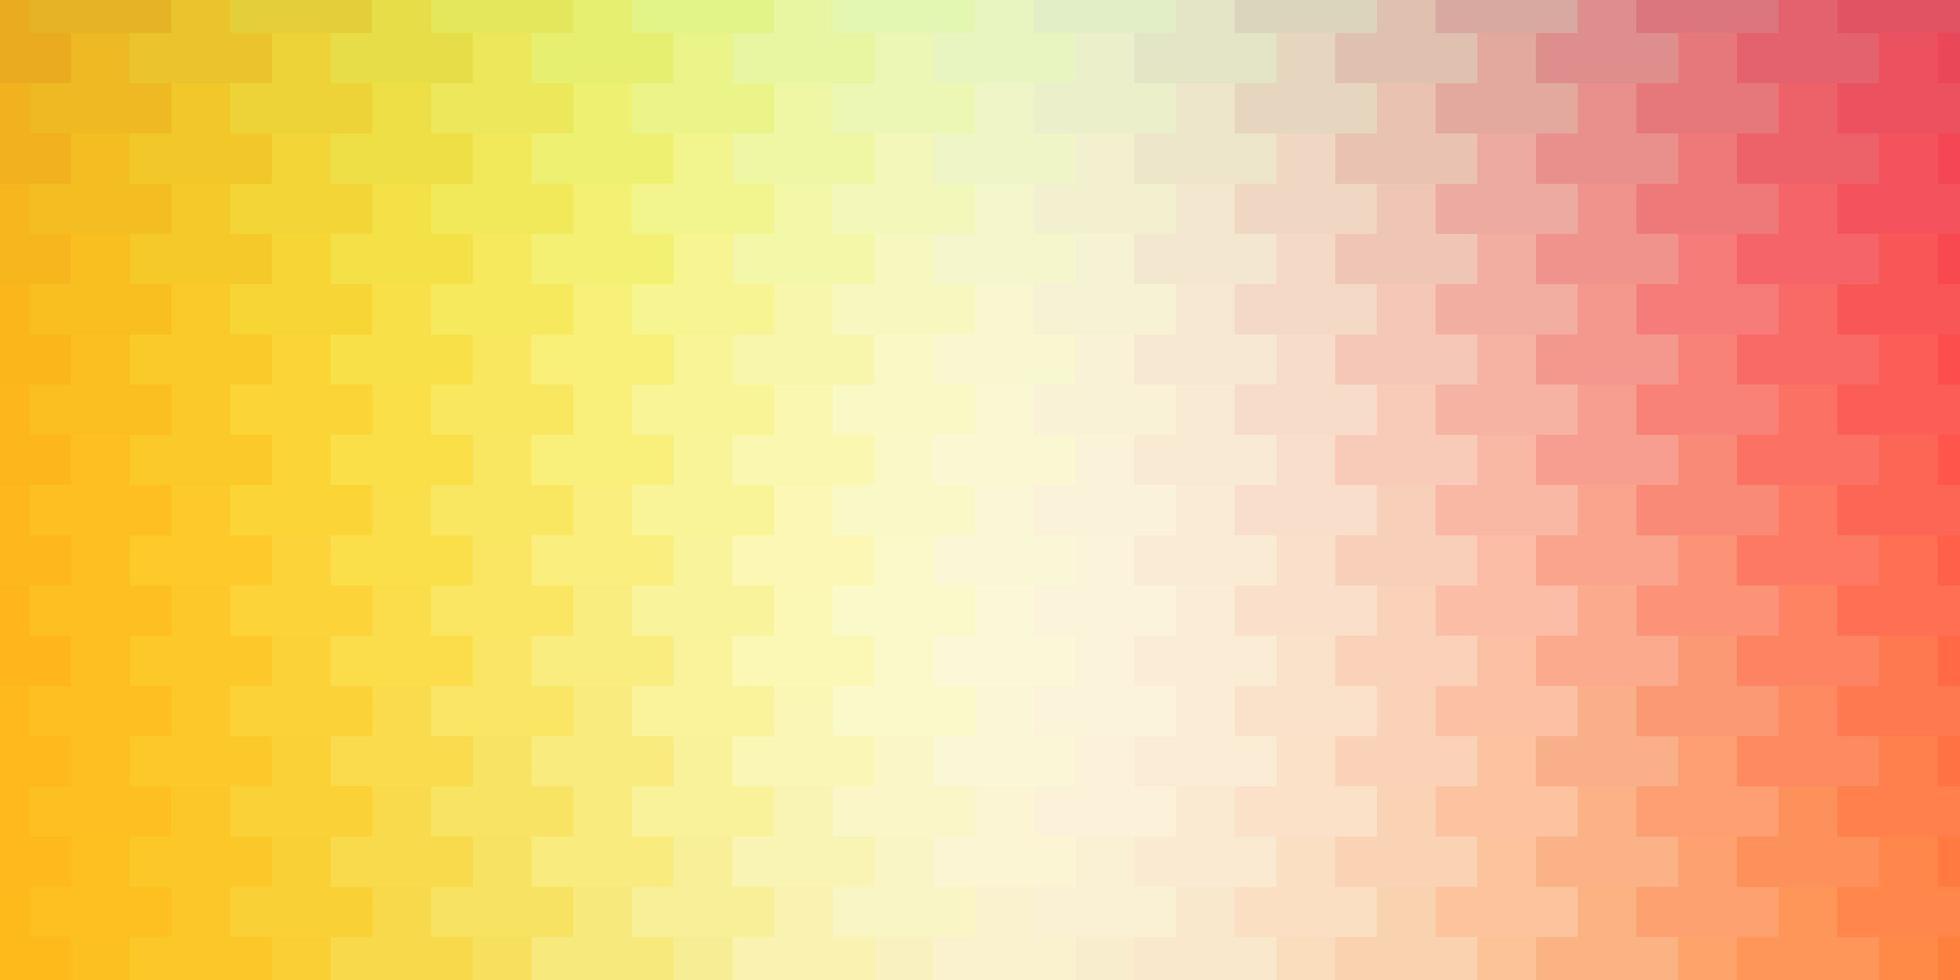 hellgrüne, rote Vektorbeschaffenheit im rechteckigen Stil. vektor